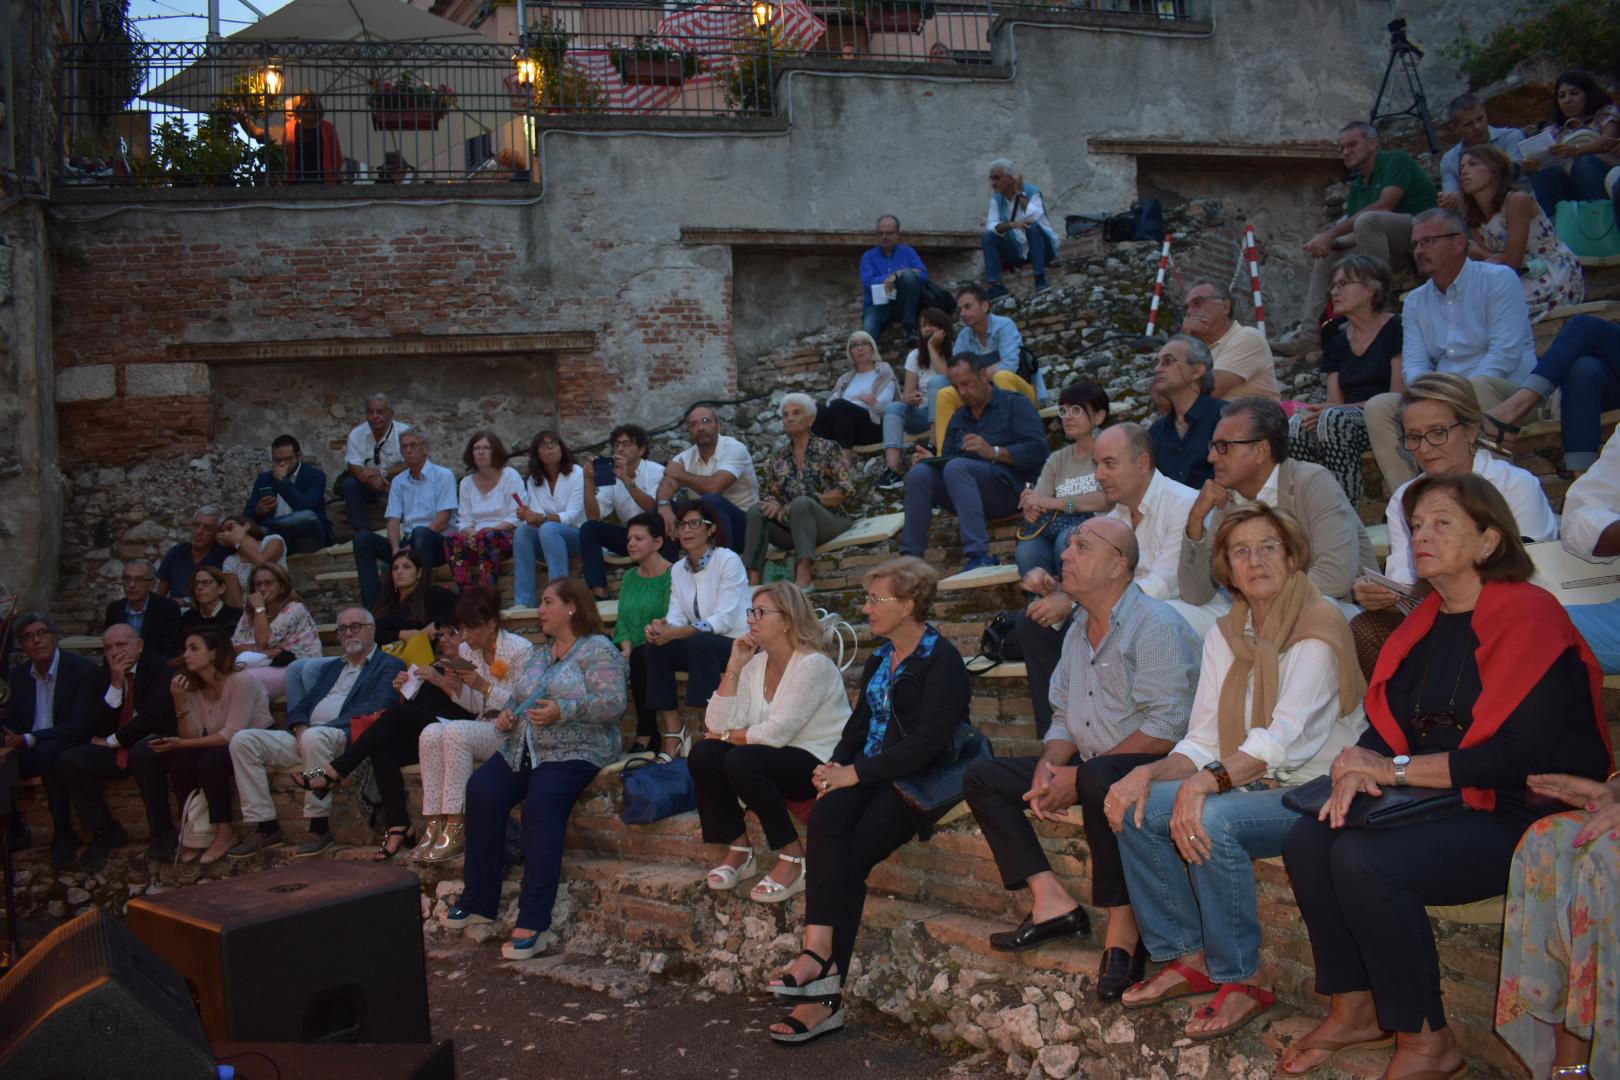 L'Odeon di Taormina torna a vivere grazie al jazz di Anna Bonomolo